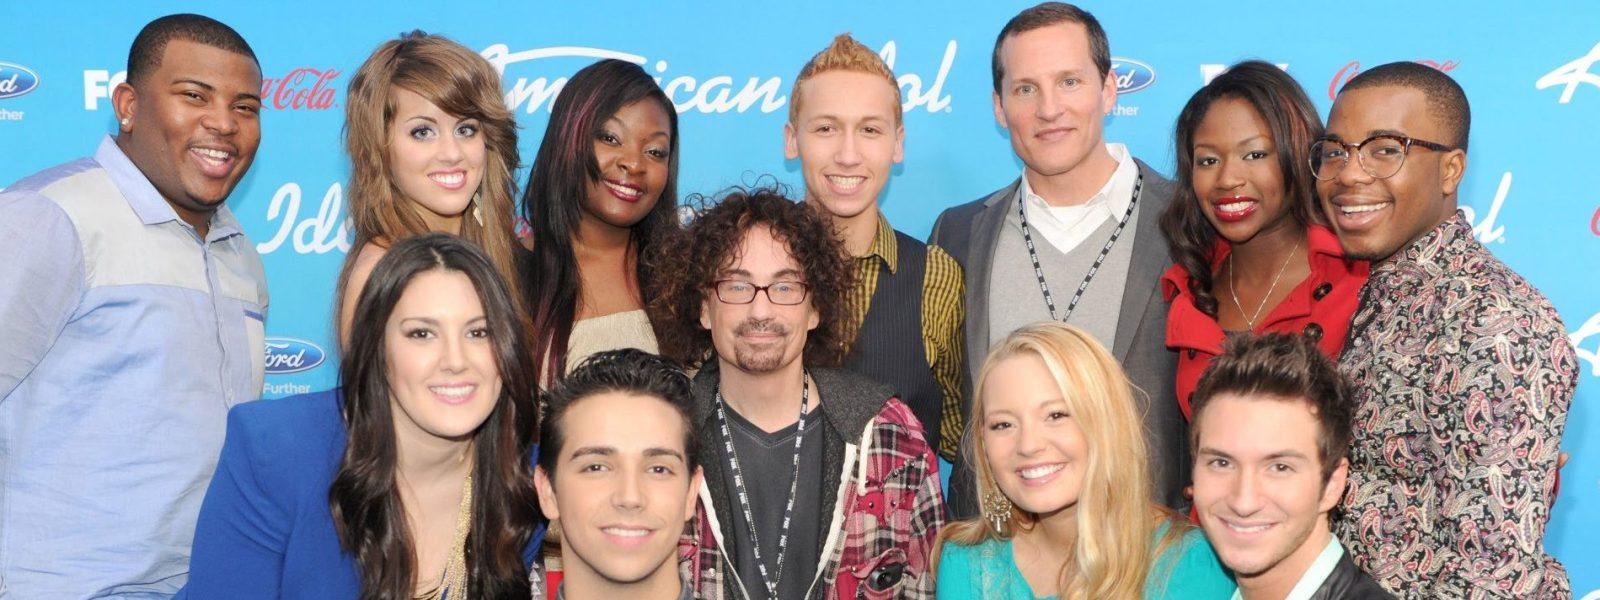 American Idol Season 12: What Just Happened?